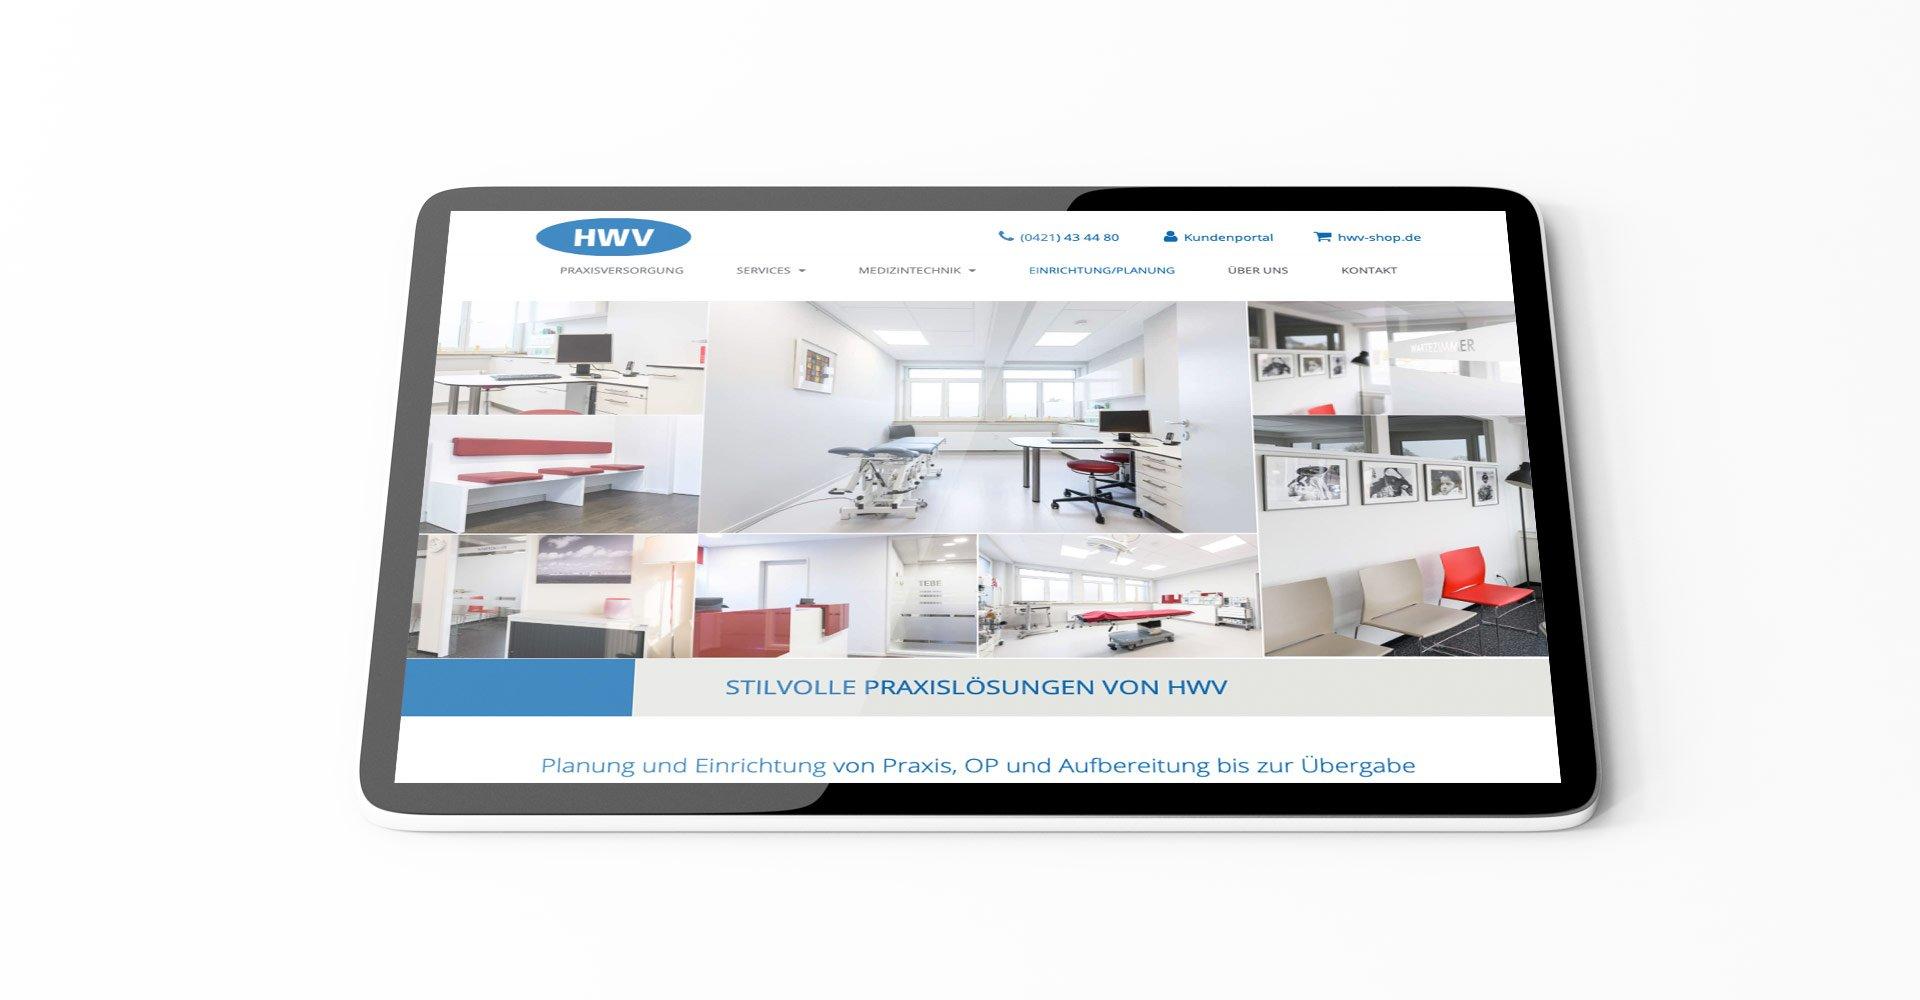 hwv-homepage-einrichtung